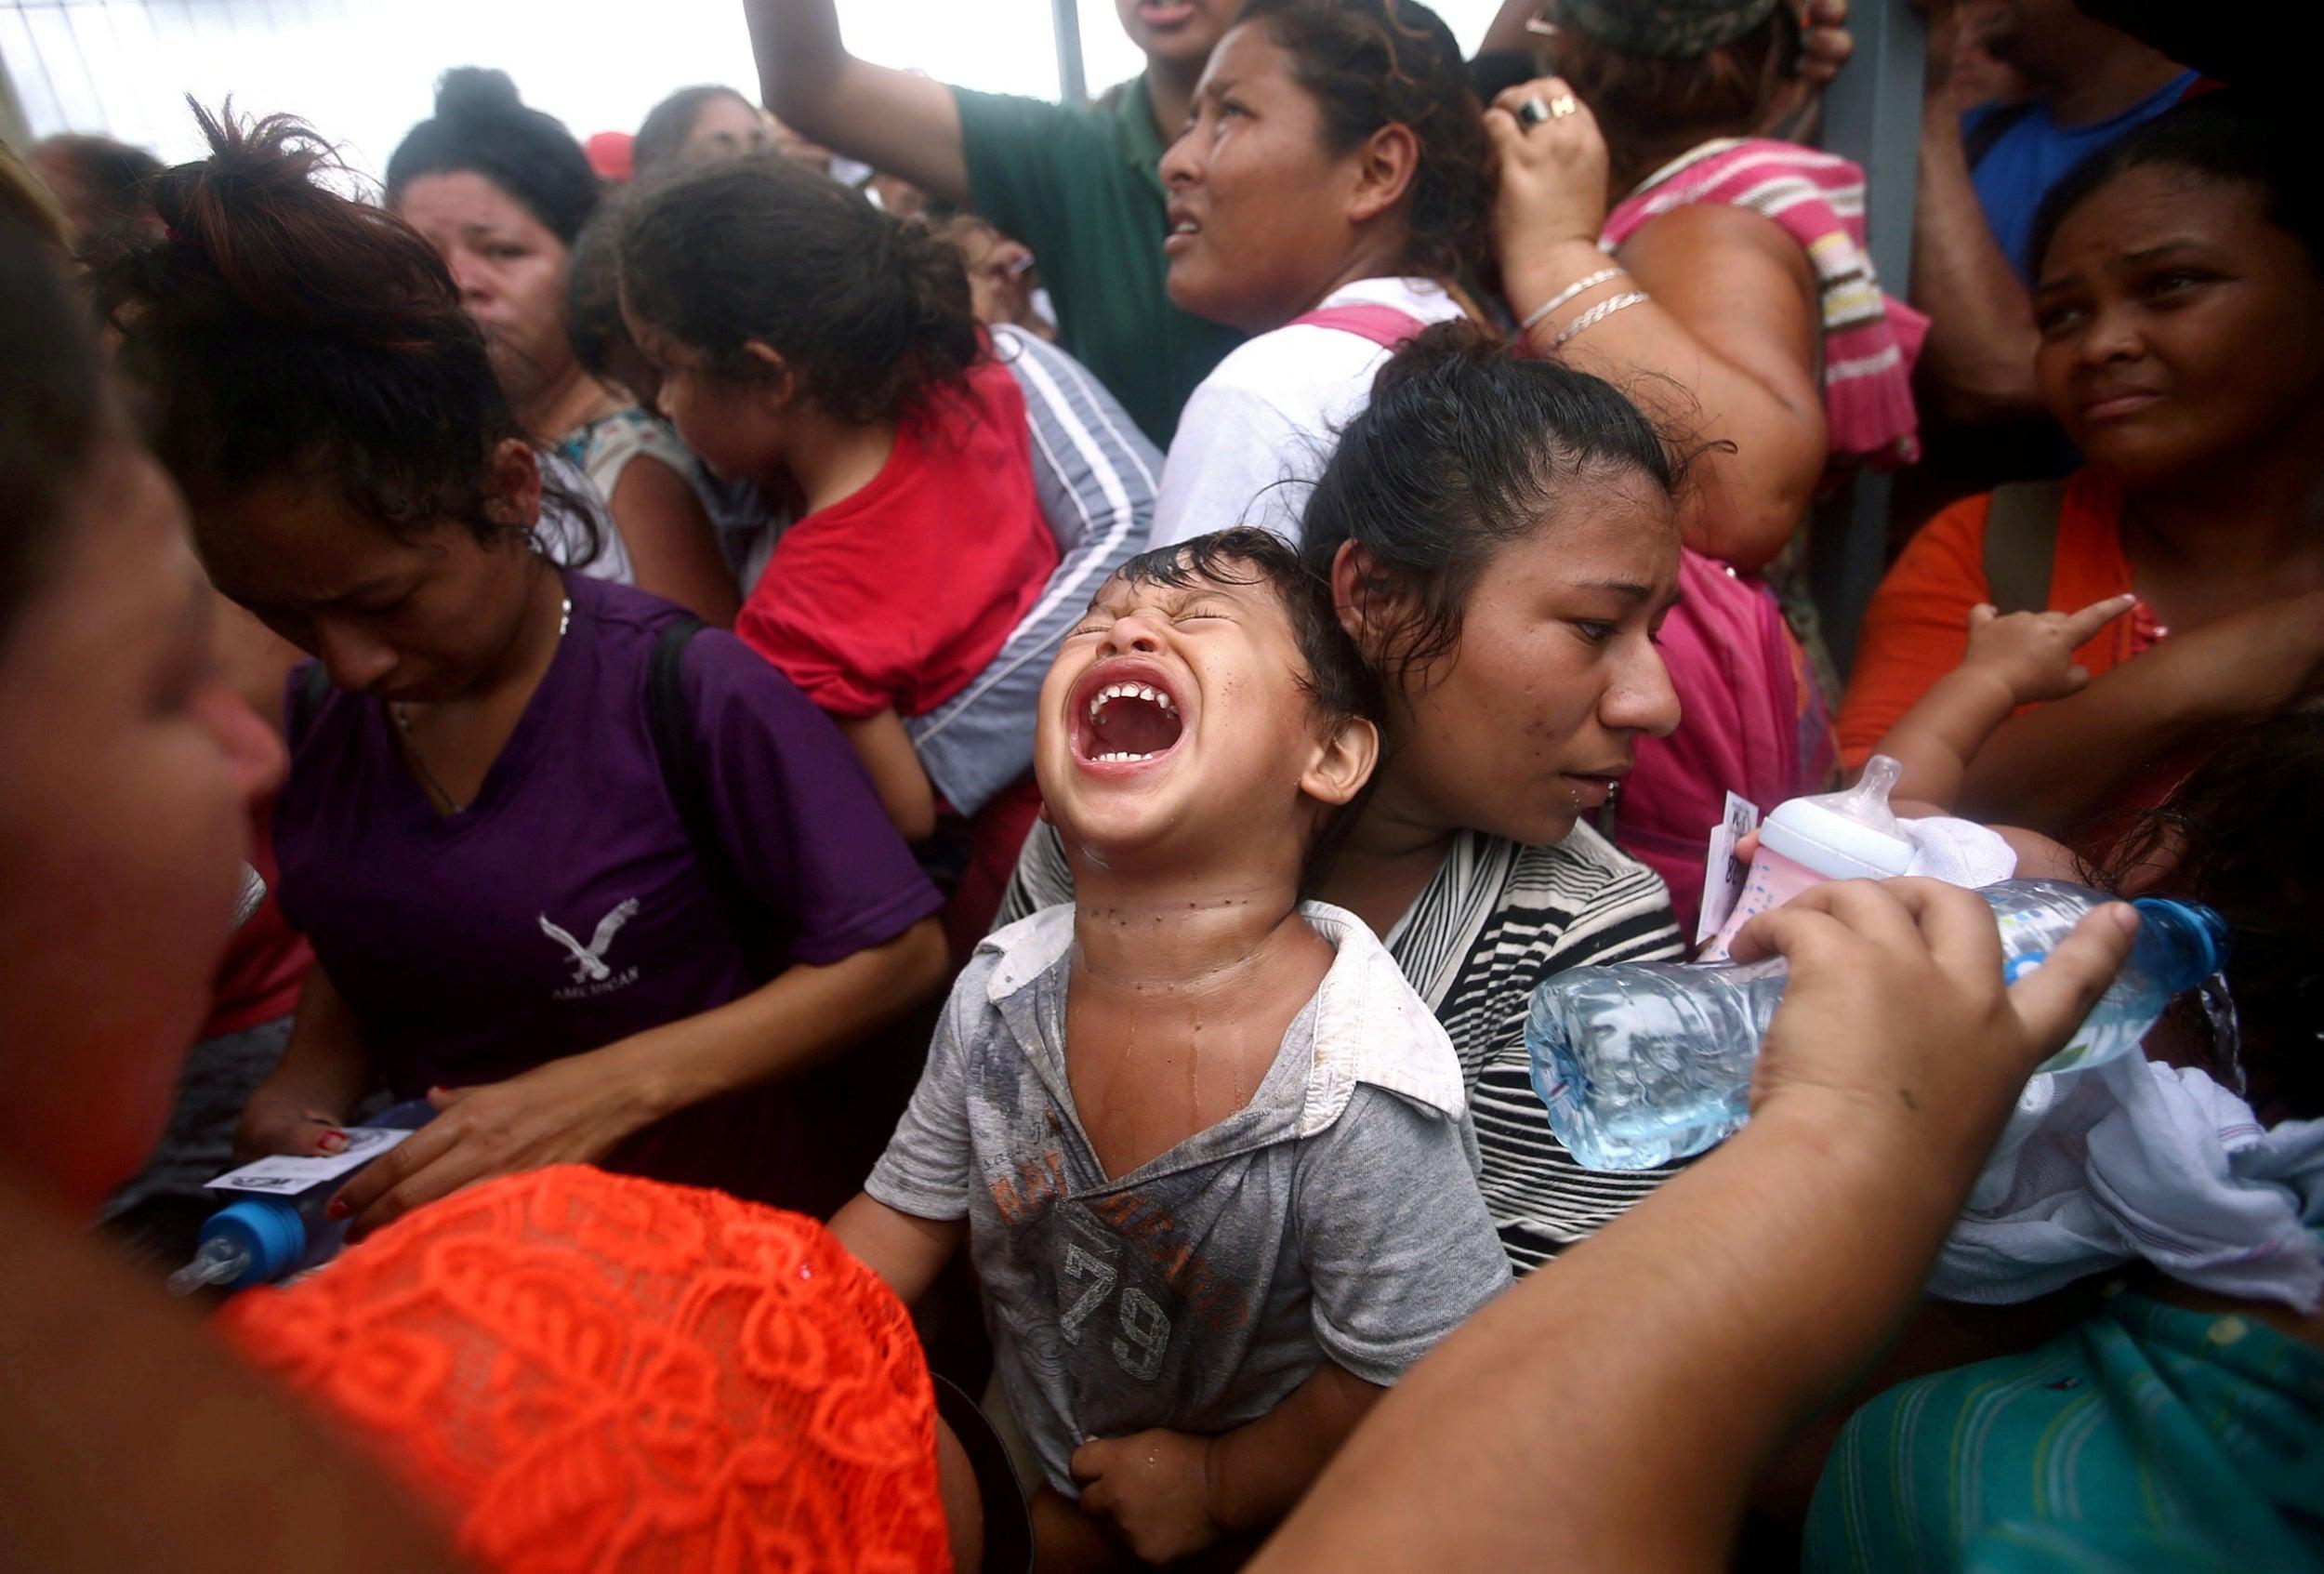 Latina punished at the border